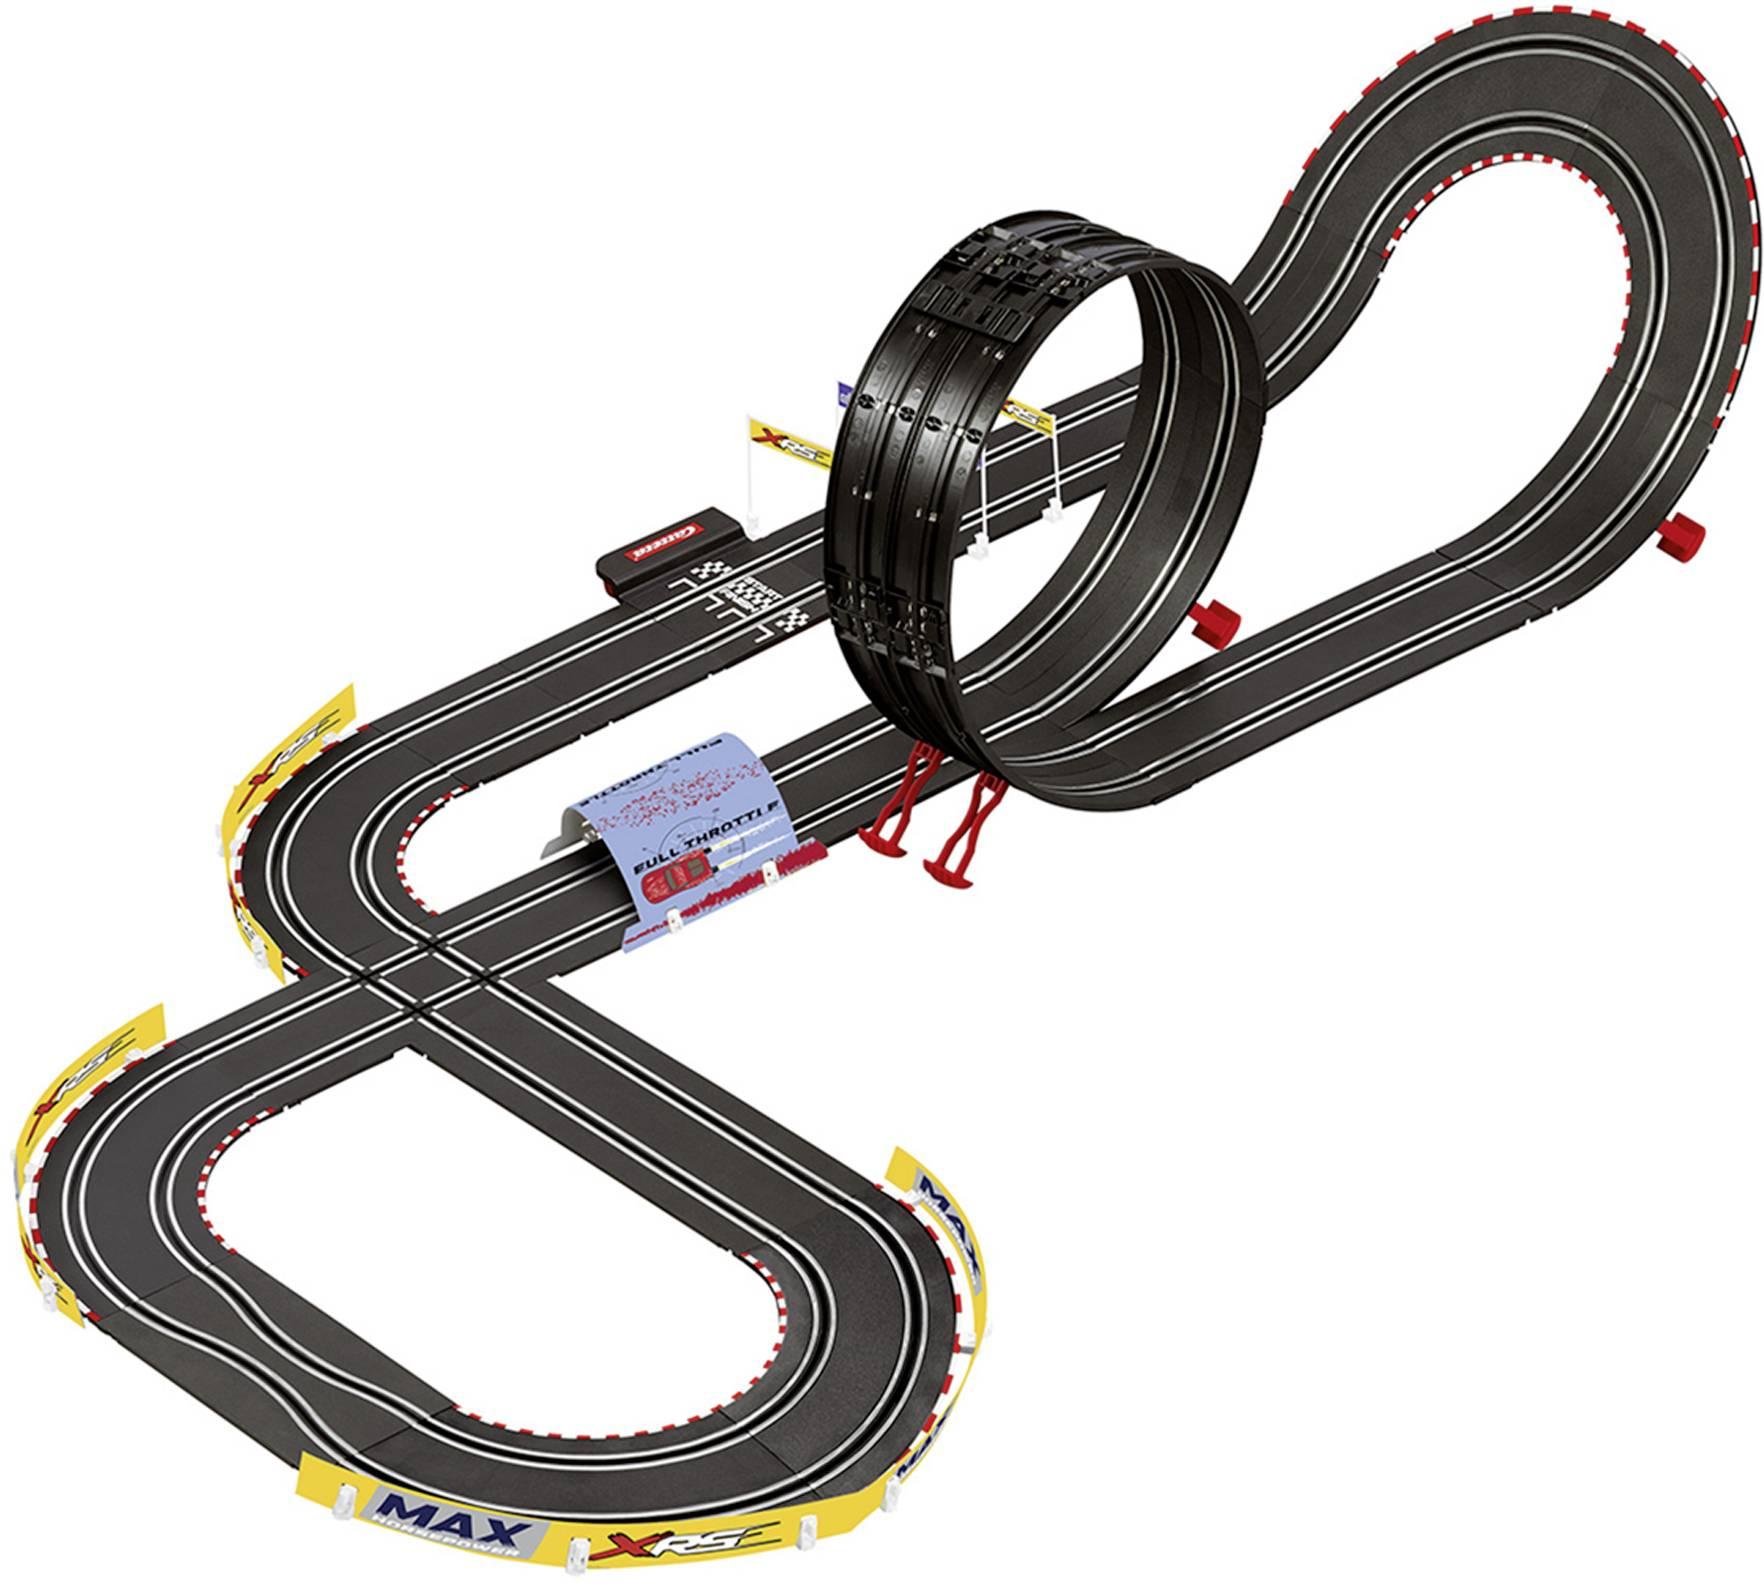 1:43 Carrera GO DISNEY PIXAR CARS ROCKET RACER